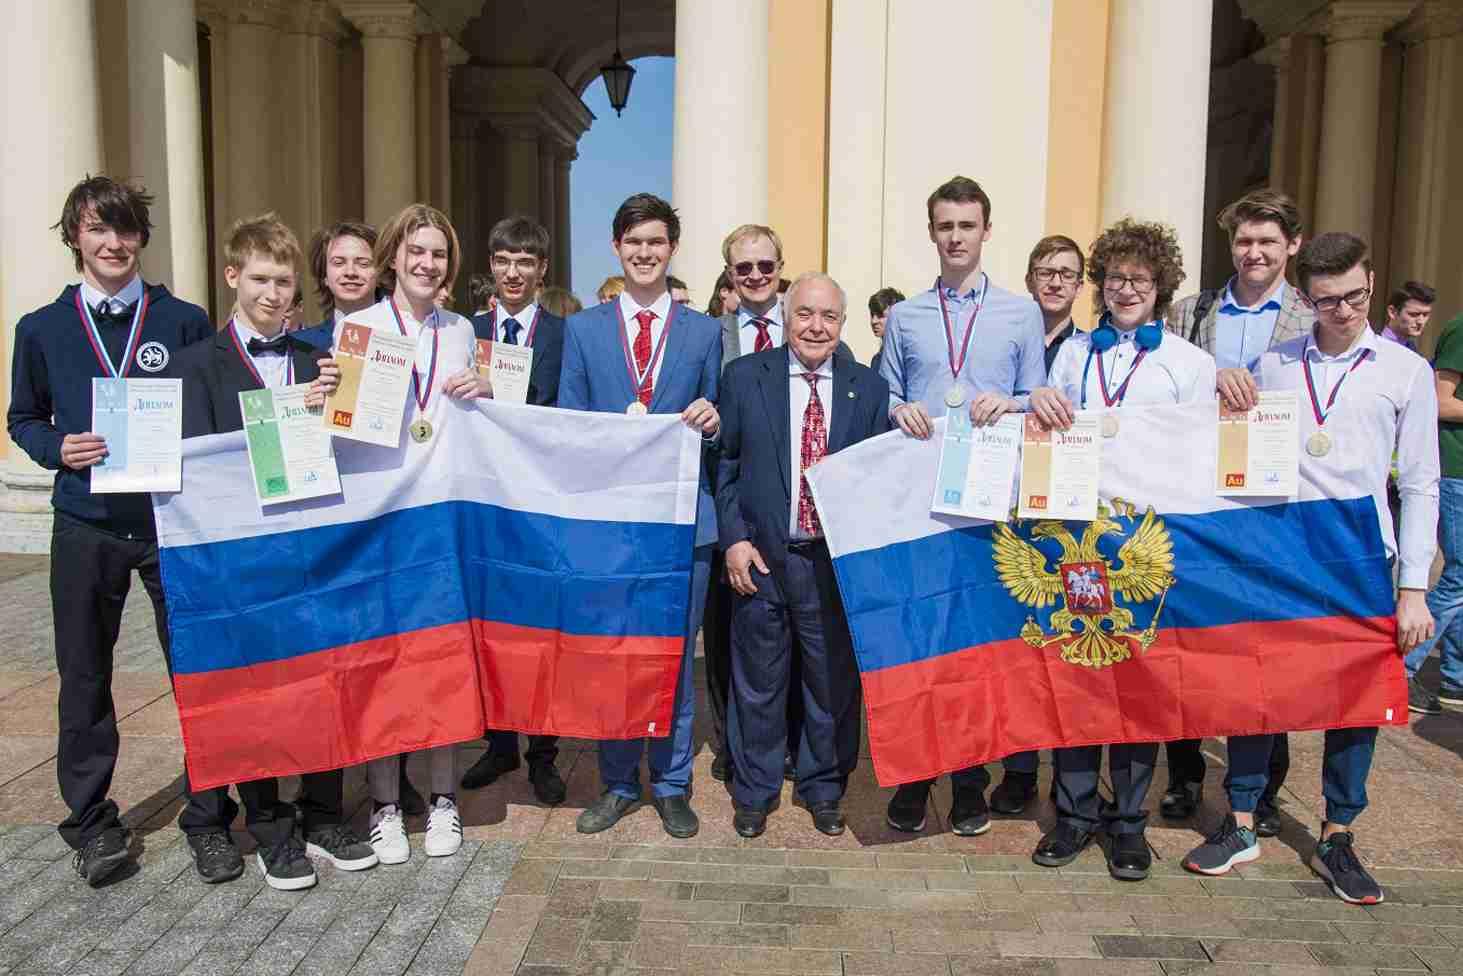 rossijskie-shkolniki-oderzhali-pobedu-na-mezhdunarodnoj-olimpiade-po-himii